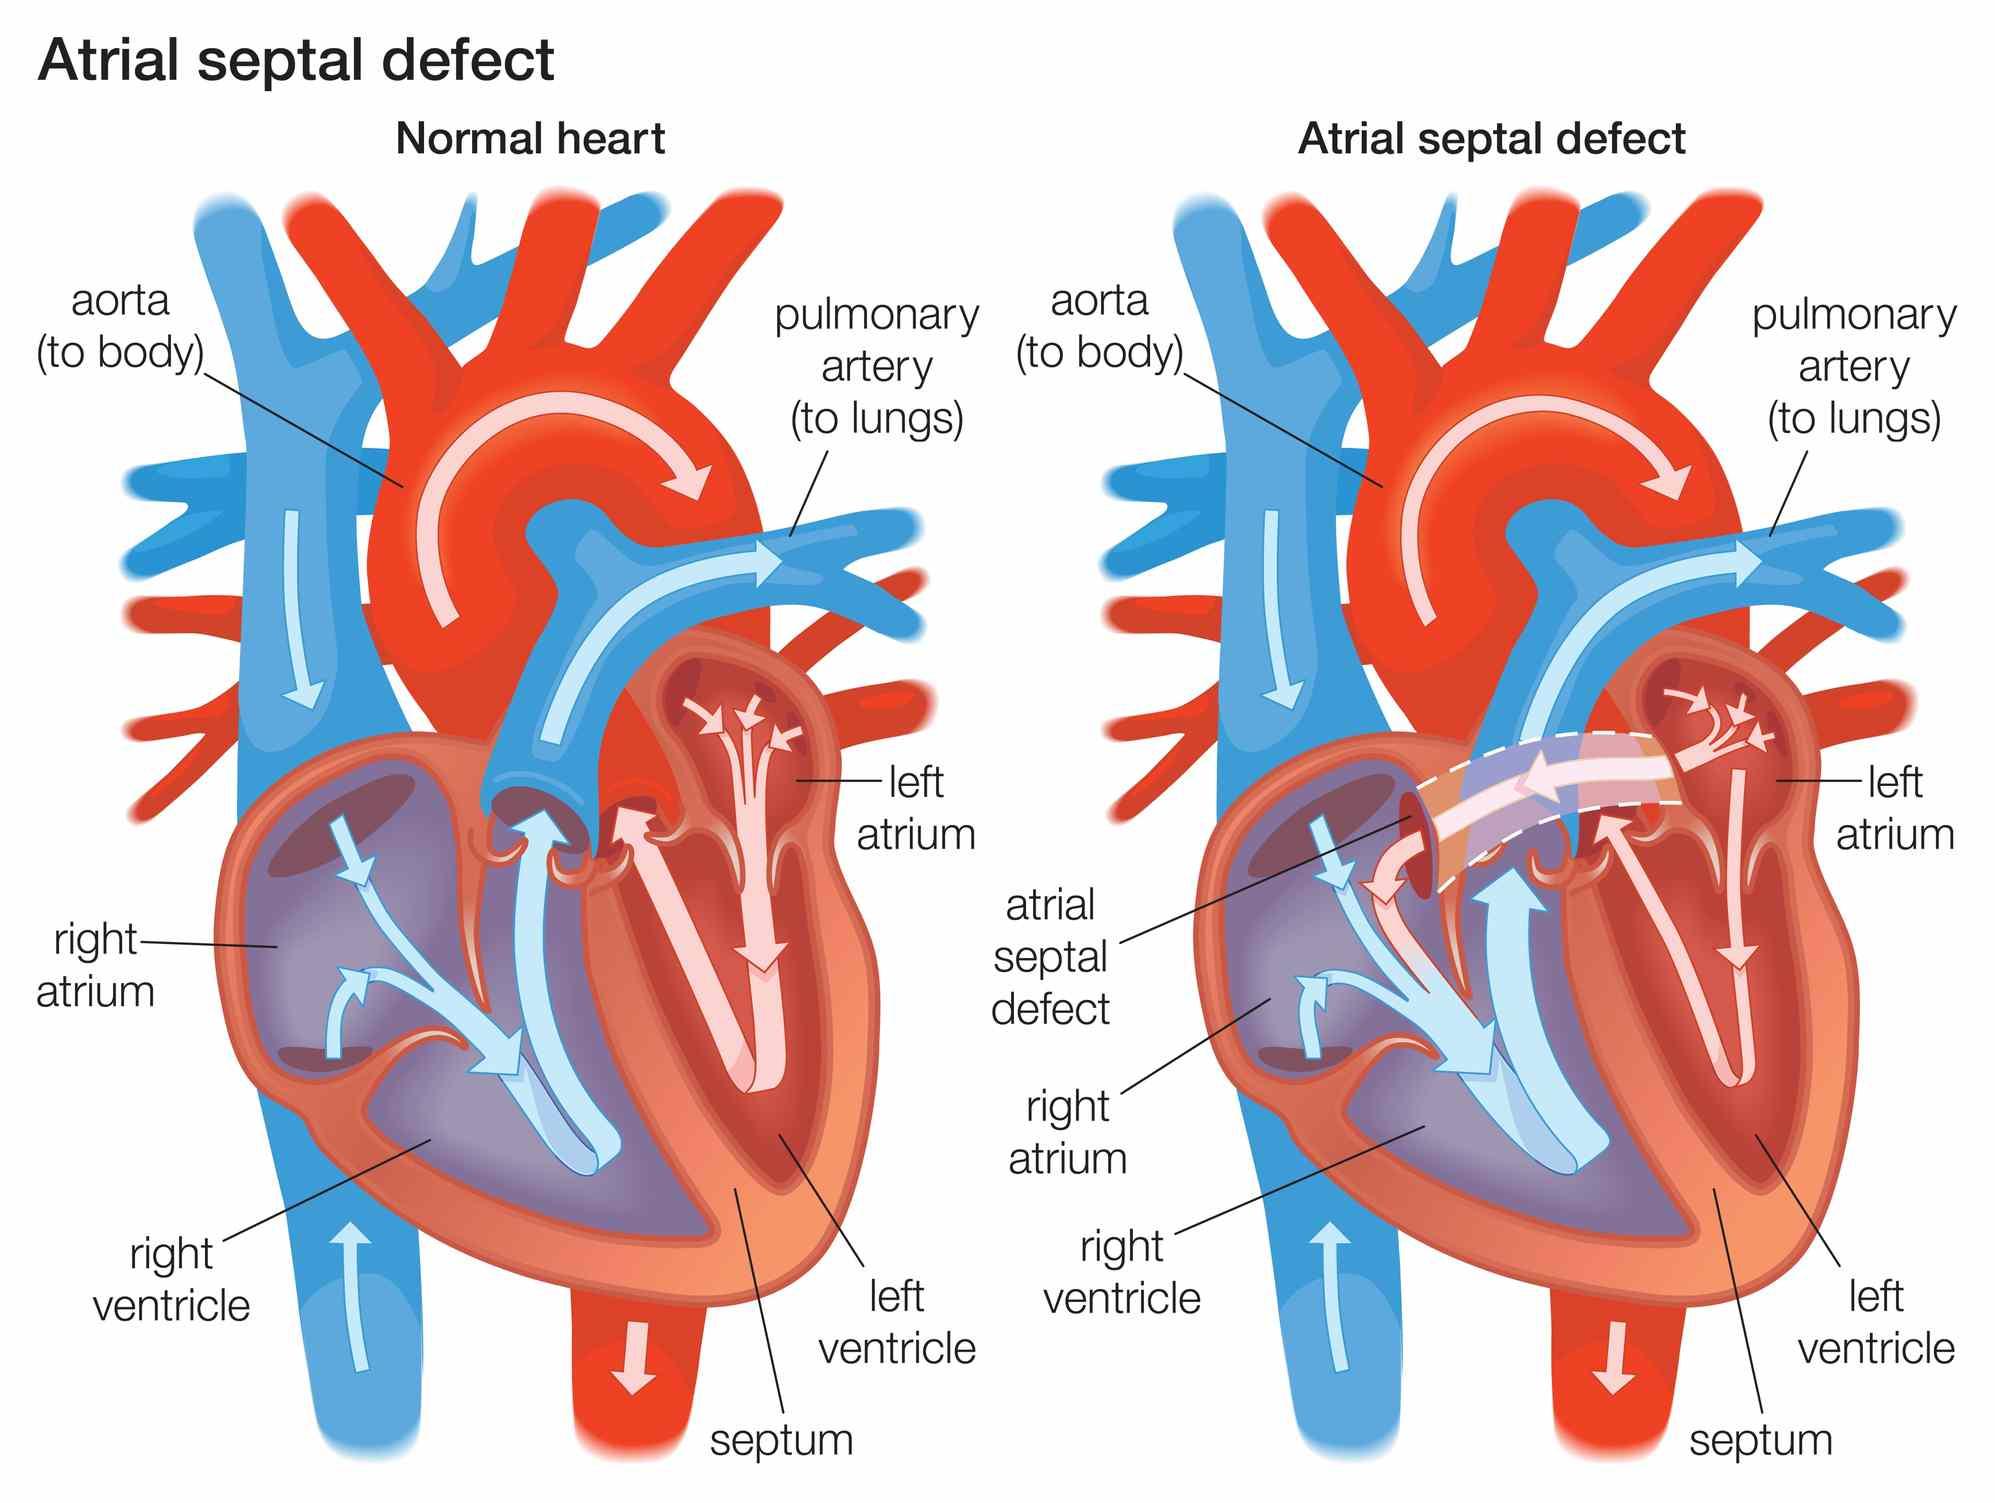 Atrial Septal Defect (ASD) Explained